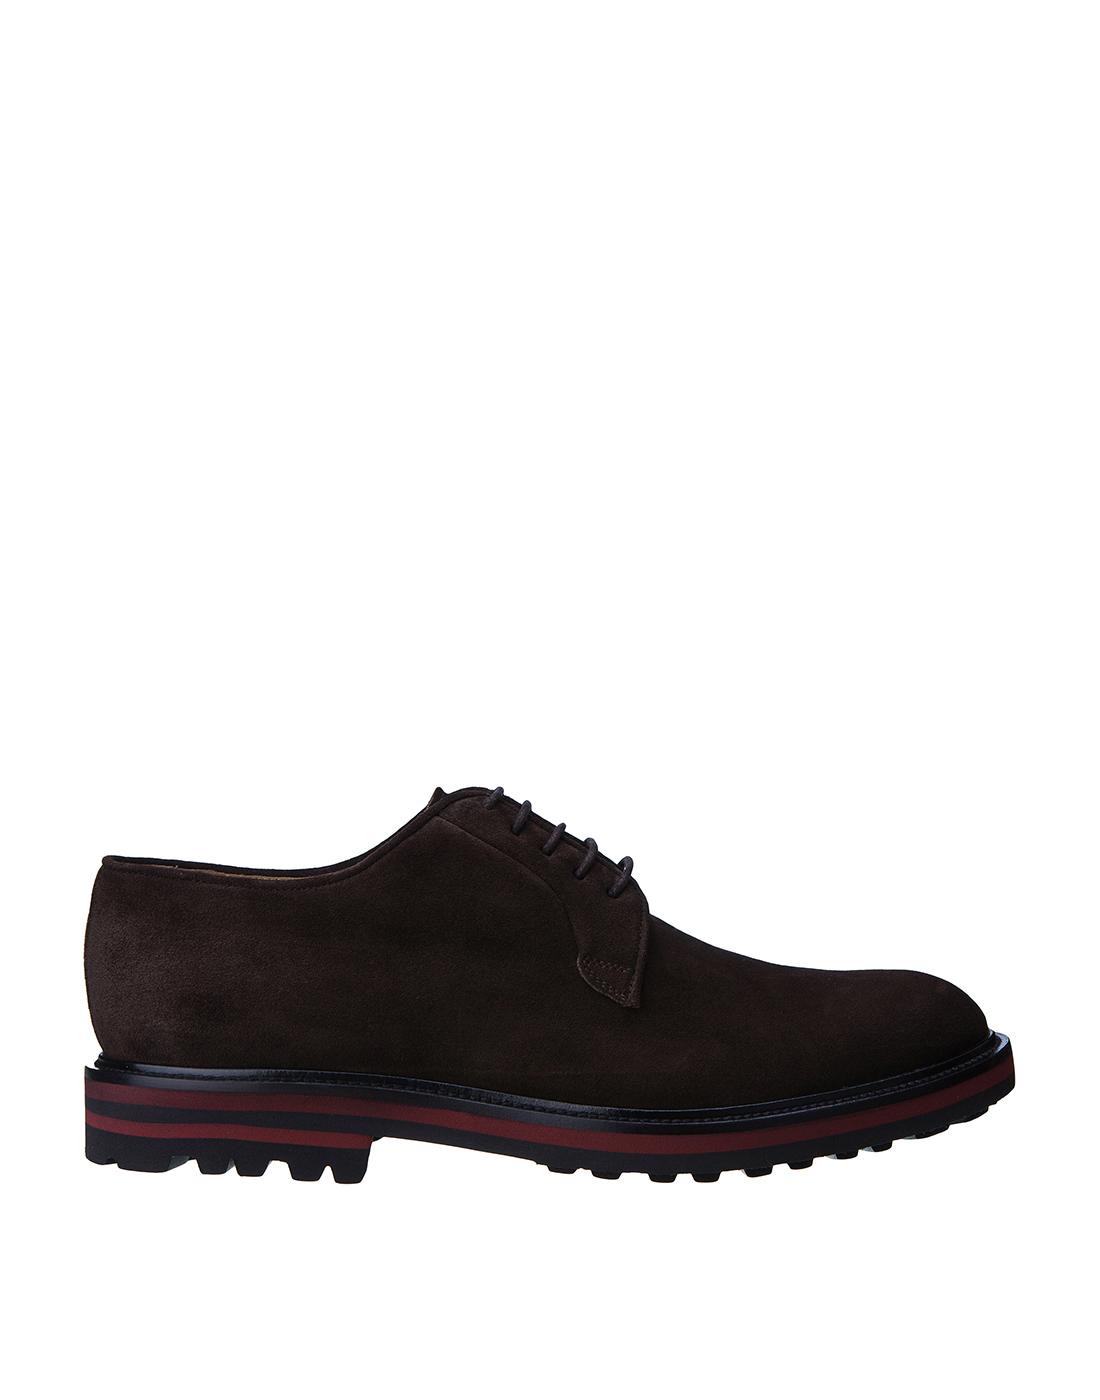 Туфли коричневые мужские Brecos S8073-1